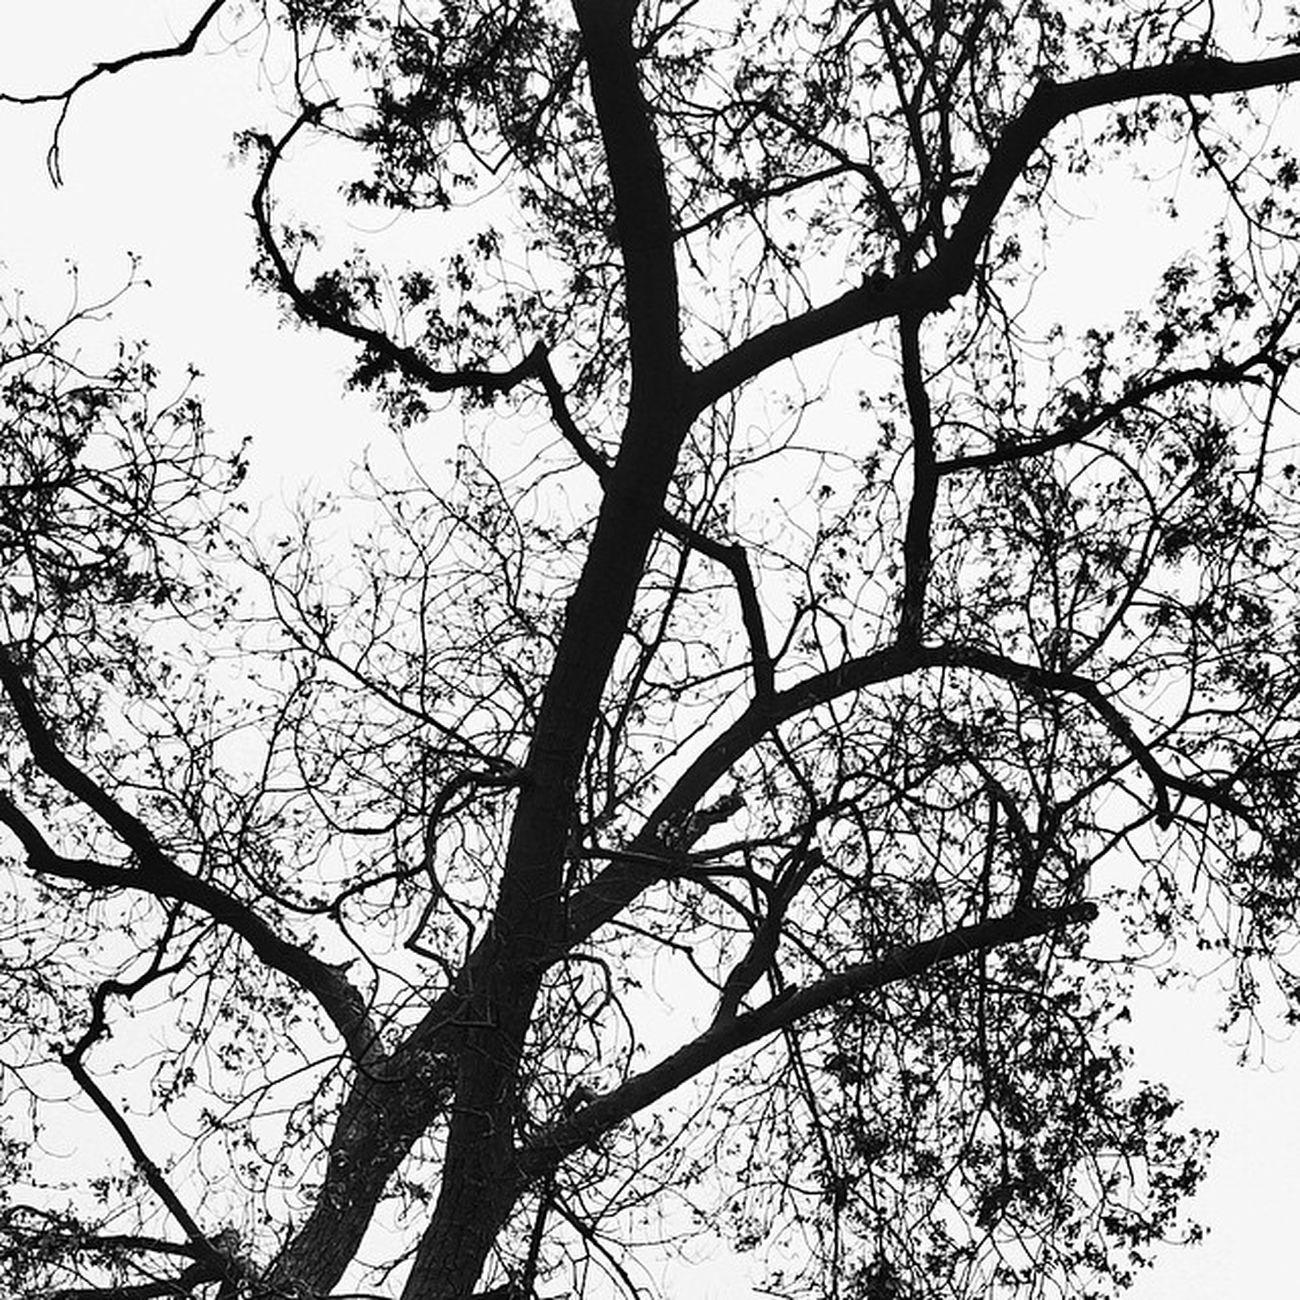 فرق كبير بين شخص اعجب بك وشخص أحبك الاول سيحدث الجميع عن جمالك .. والثاني سيقتل كل من سيتحدث عنك ... BLACK_ &_white Tree Nature Farmer_market Budaya Bahrain